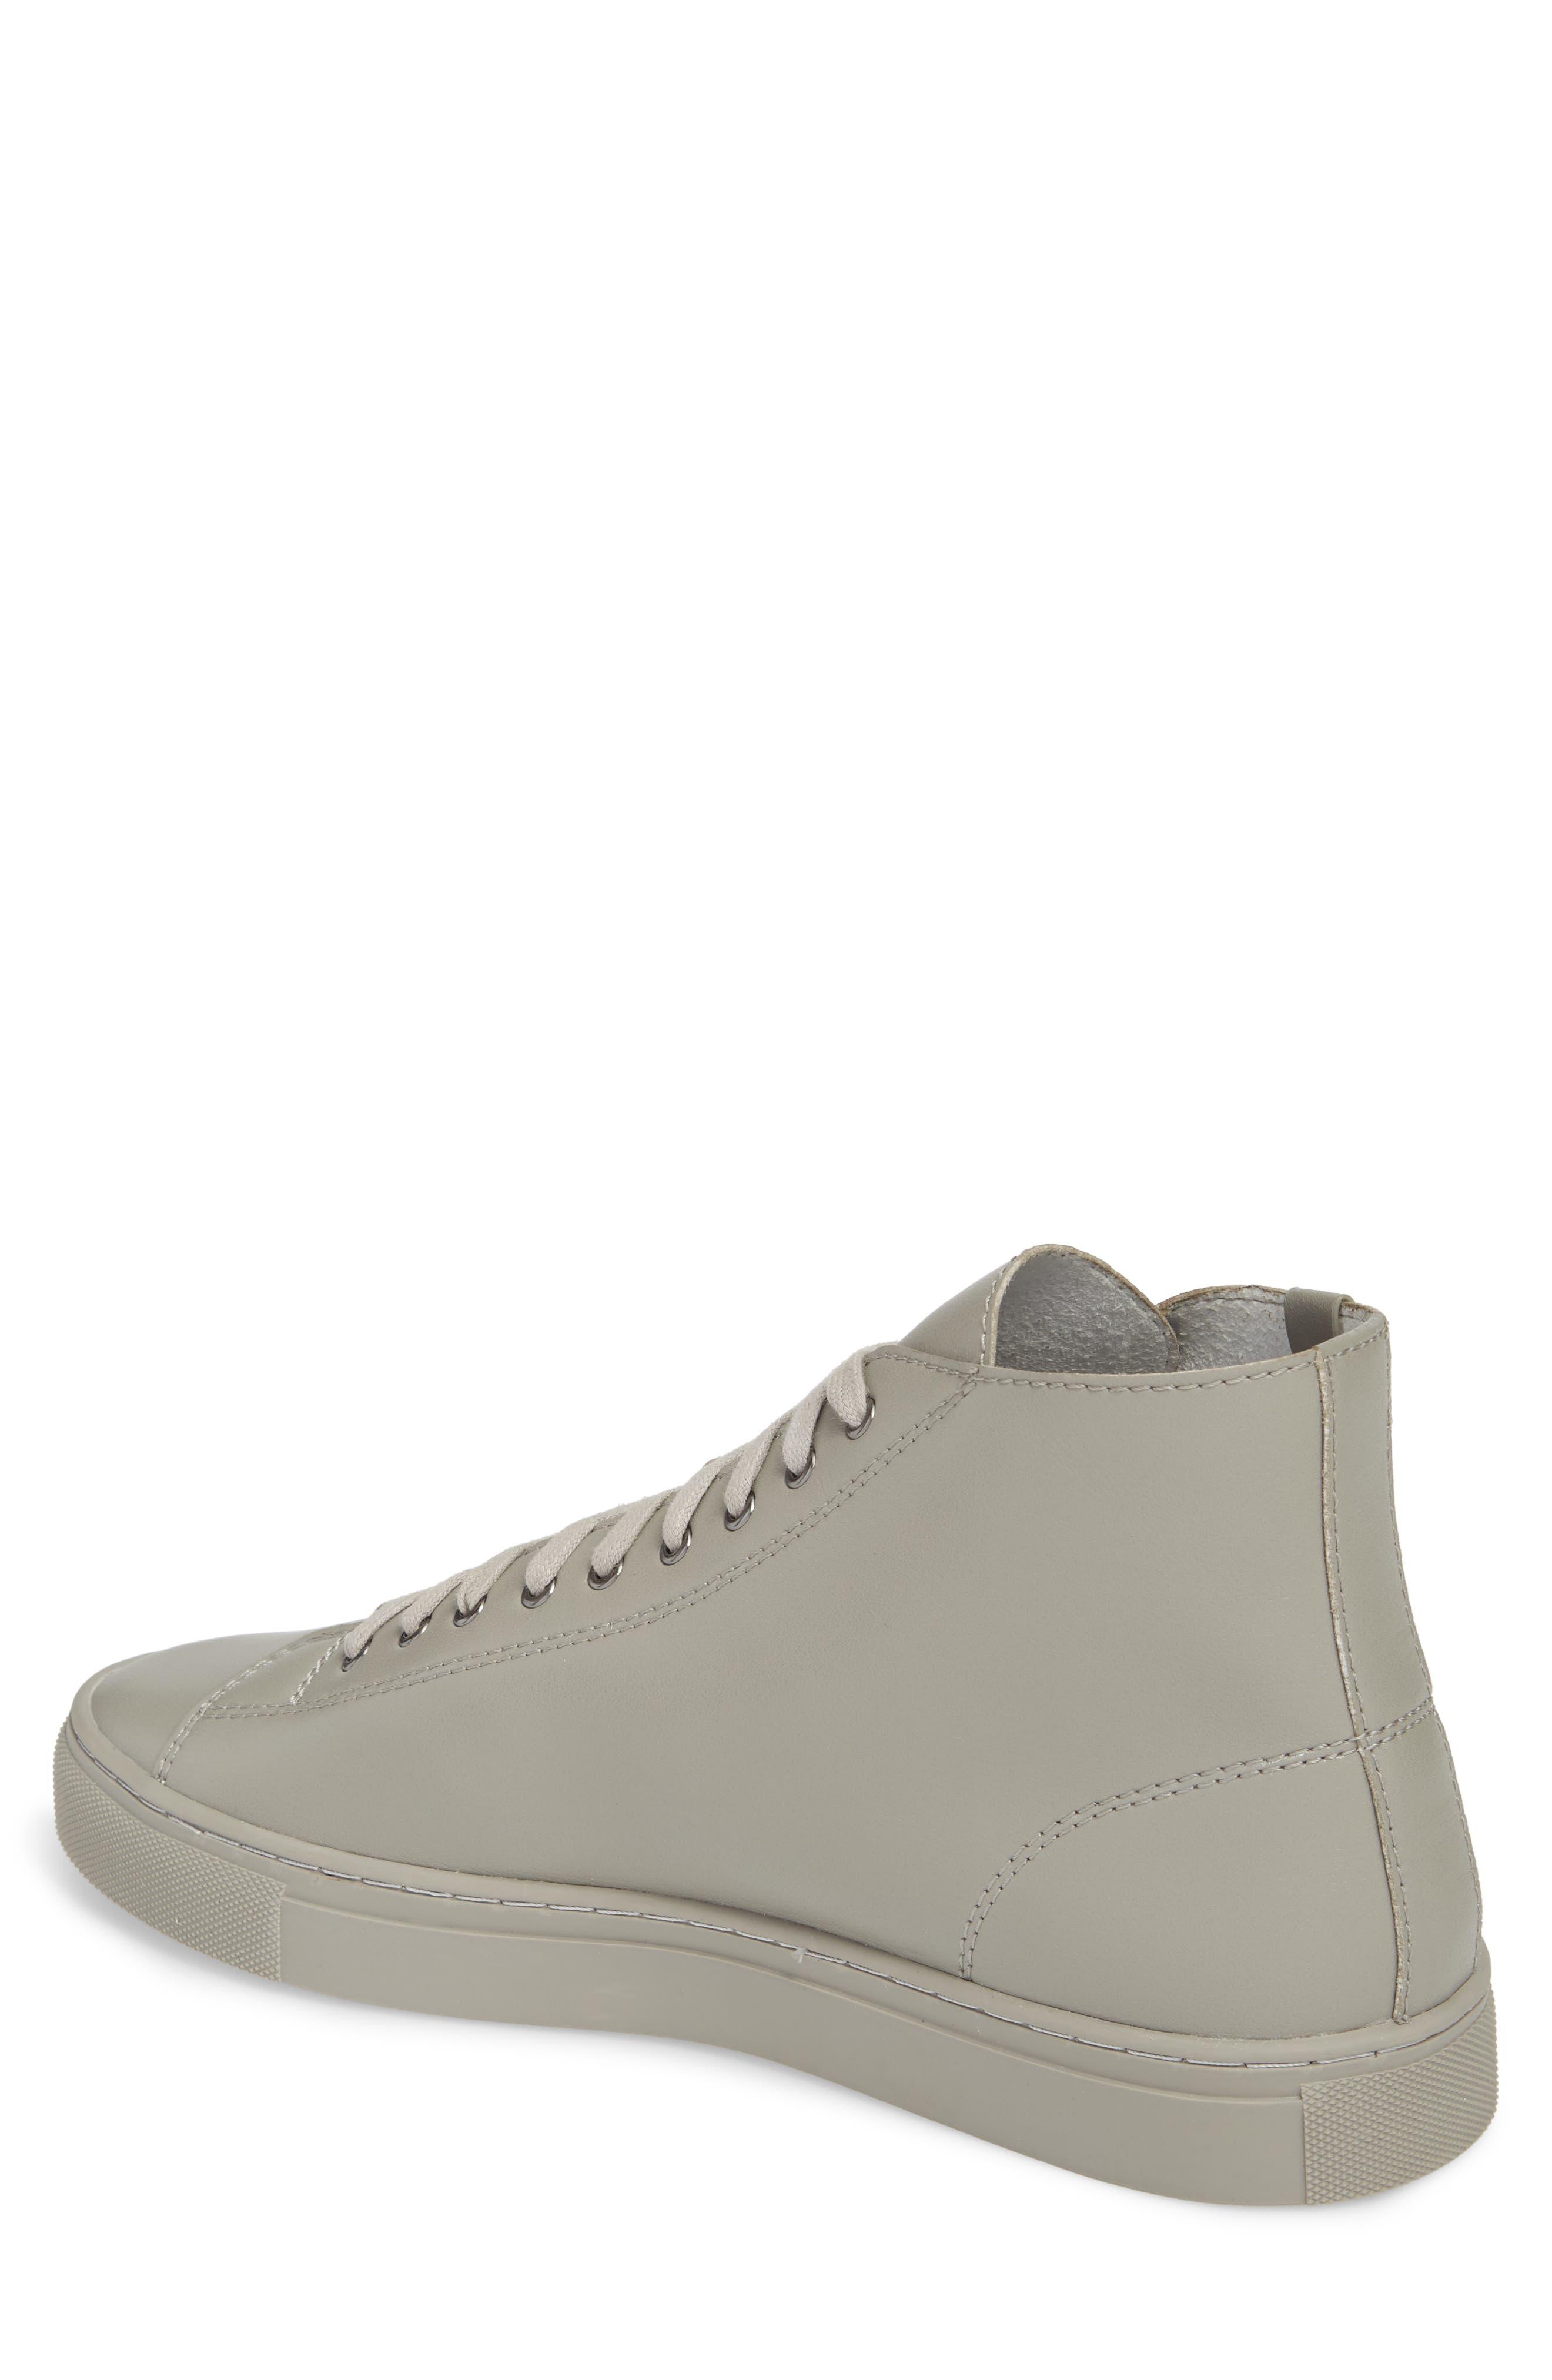 Original High Top Sneaker,                             Alternate thumbnail 2, color,                             056